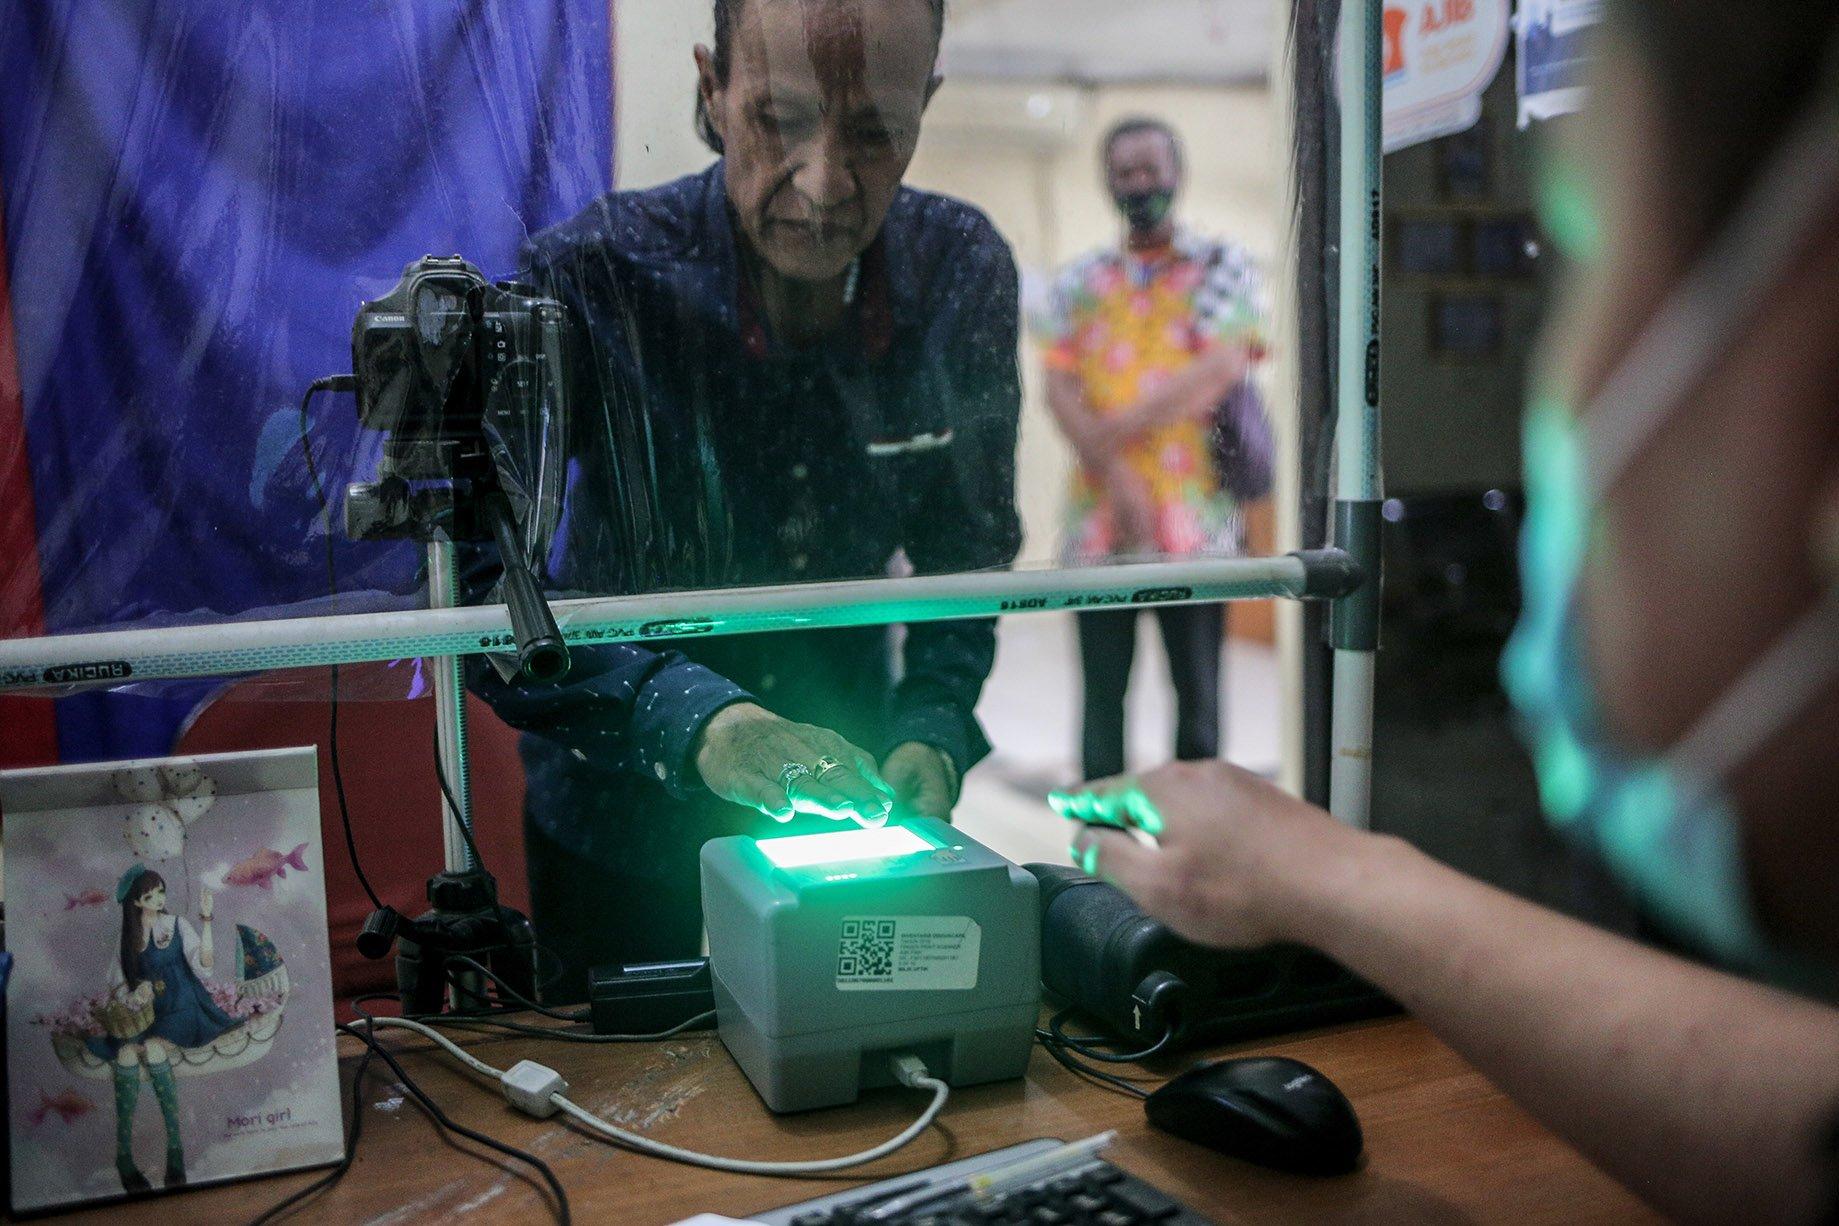 Sejumlah transpuan menaiki tangga saat akan merekam sidik jari dan tes biometrik untuk membuat KTP elektronik di Kantor Kelurahan Cilandak Barat, Jakarta Selatan, Kamis (16/9/2021). KTP elektronik bagi transgender perempuan (transpuan) agar mereka bisa mendapatkan pelayanan publik seperti jaminan sosial, kesehatan, hingga pendidikan.